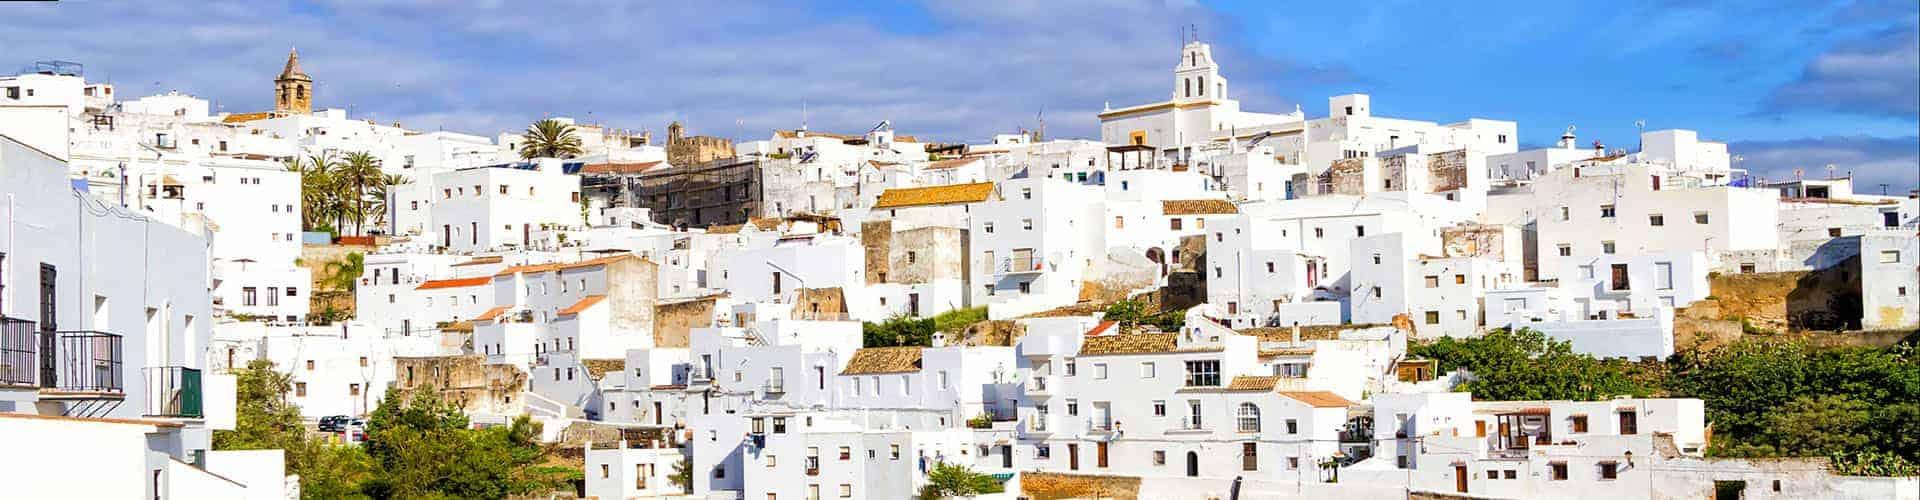 Free Tour Vejer de la frontera -turismo de España